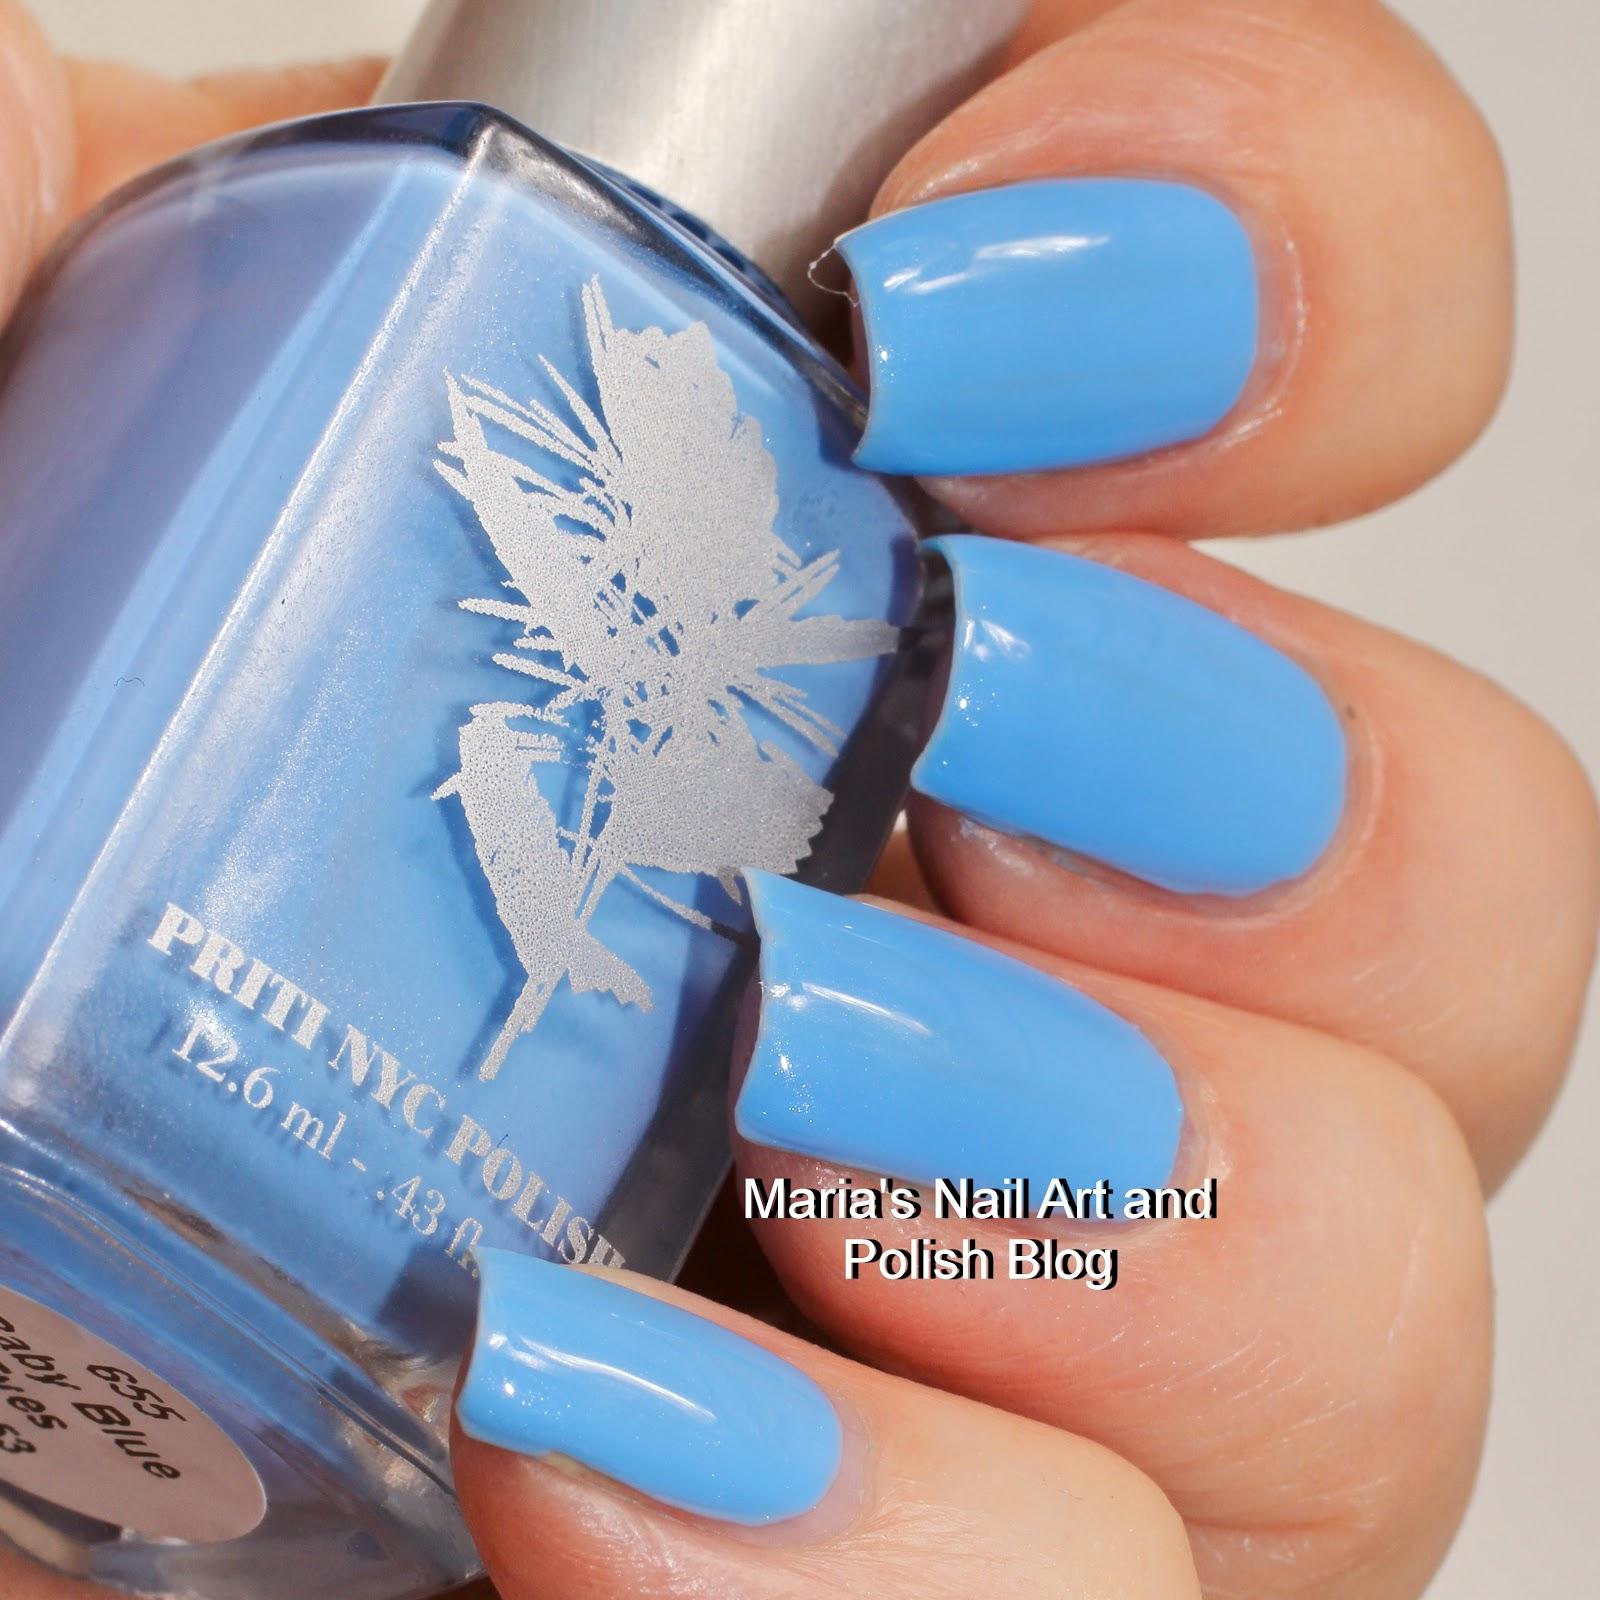 Marias Nail Art and Polish Blog: Priti Nyc Baby Blue Eyes, Glory ...